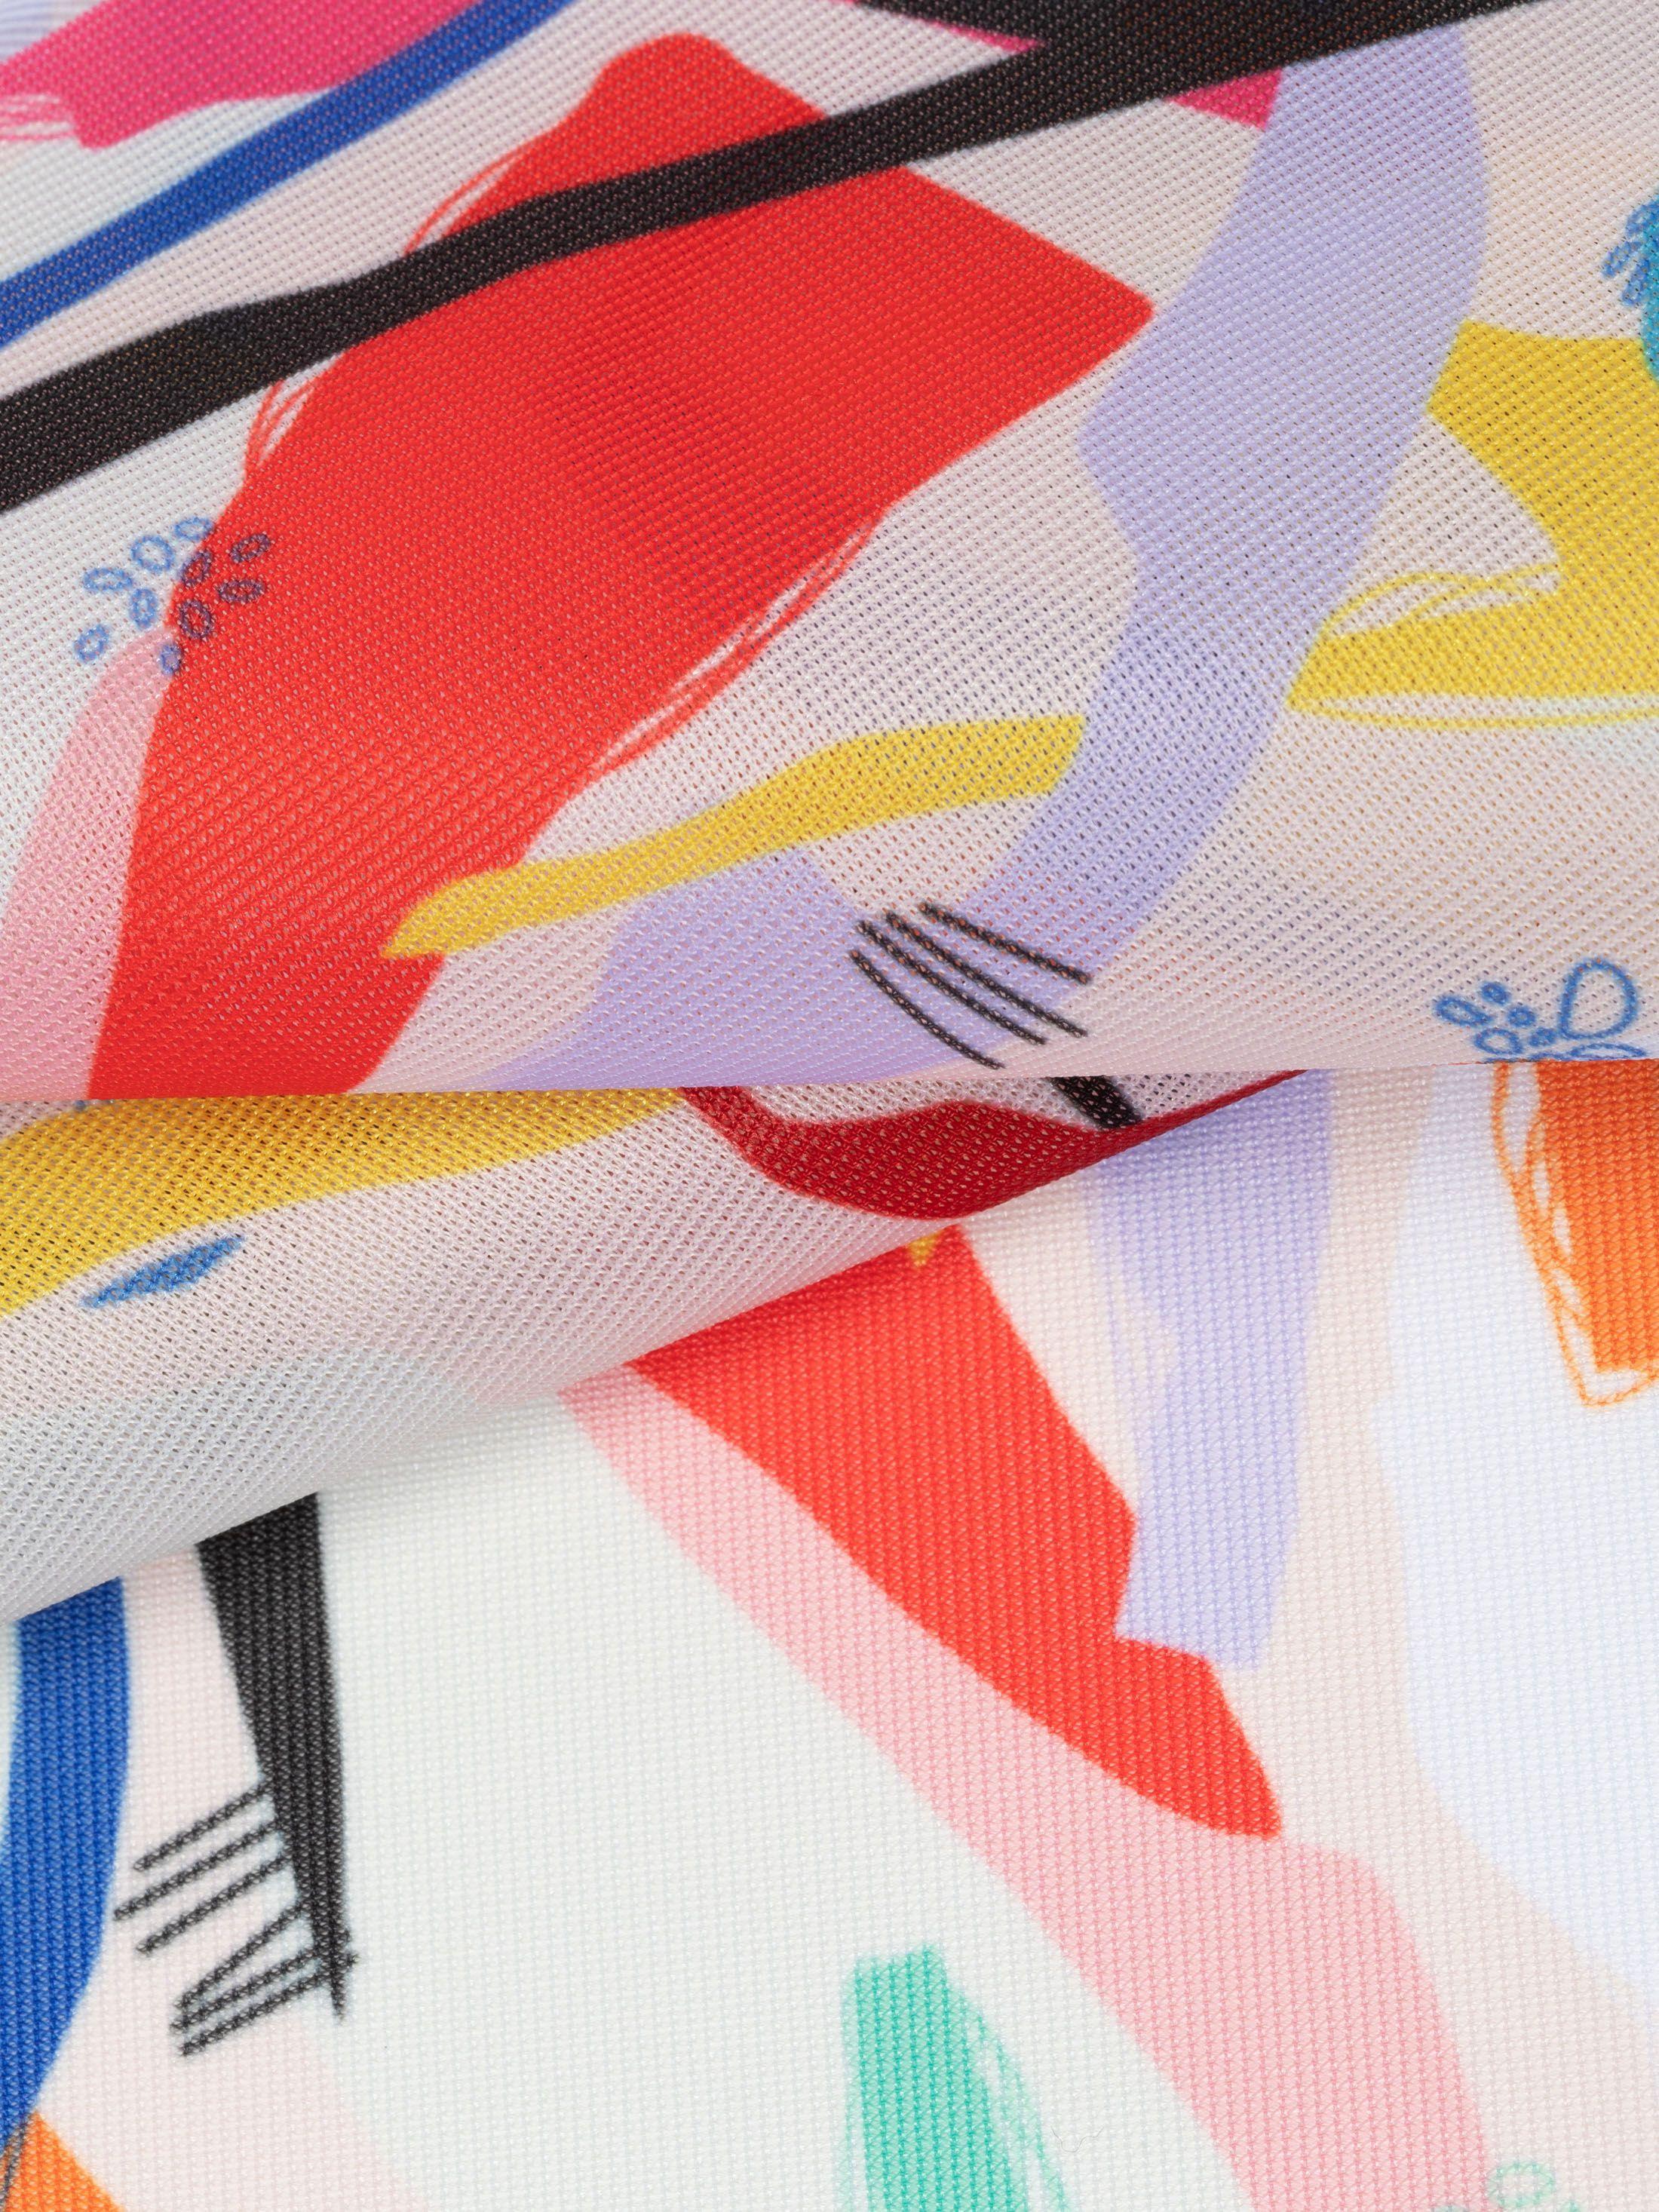 digital printing on Voille De Ville samples